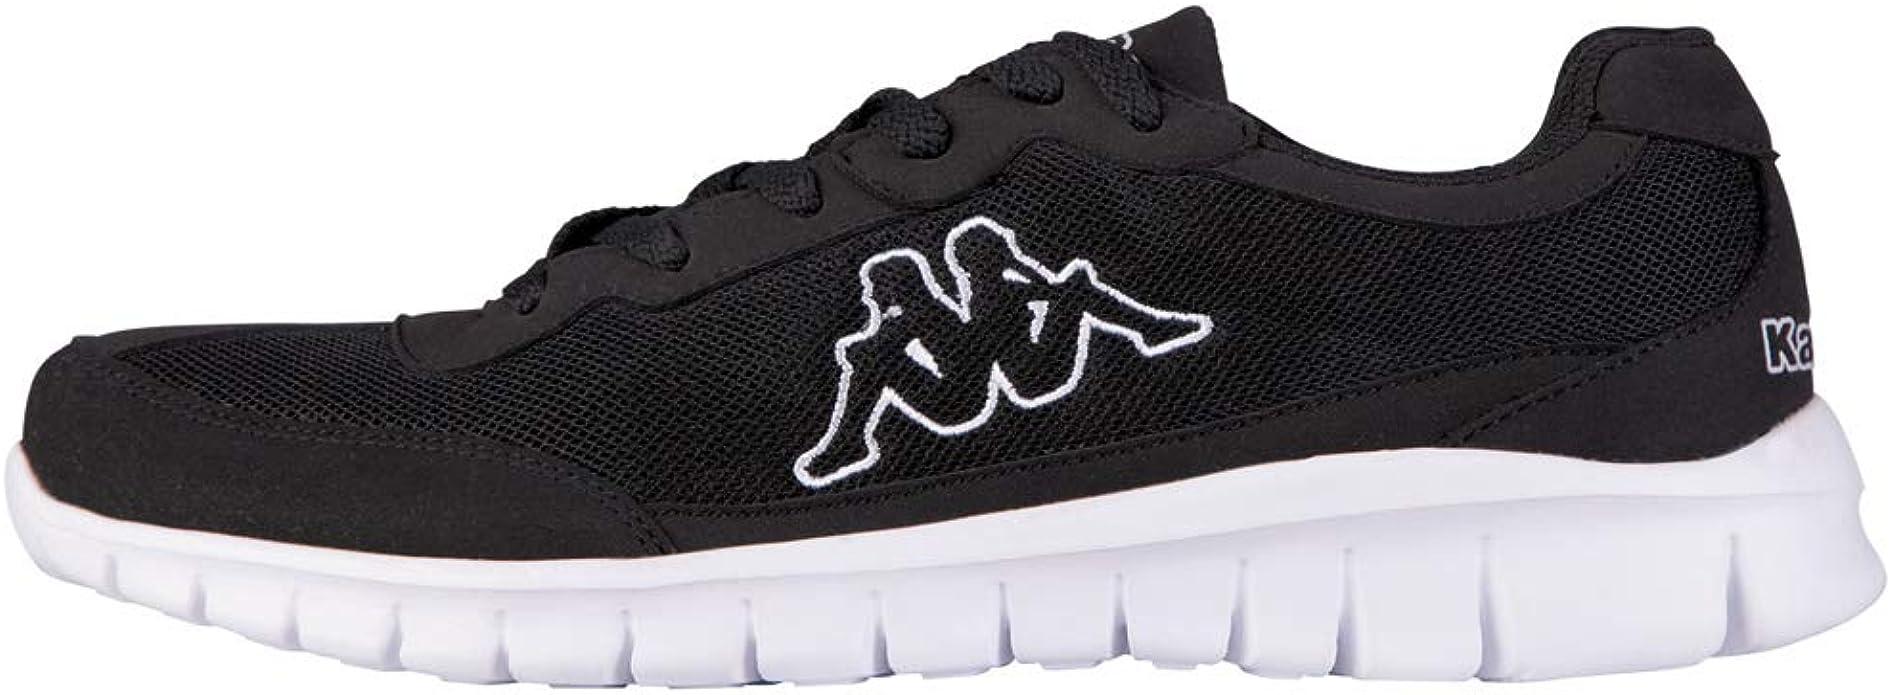 Kappa Men's Low-Top Sneakers